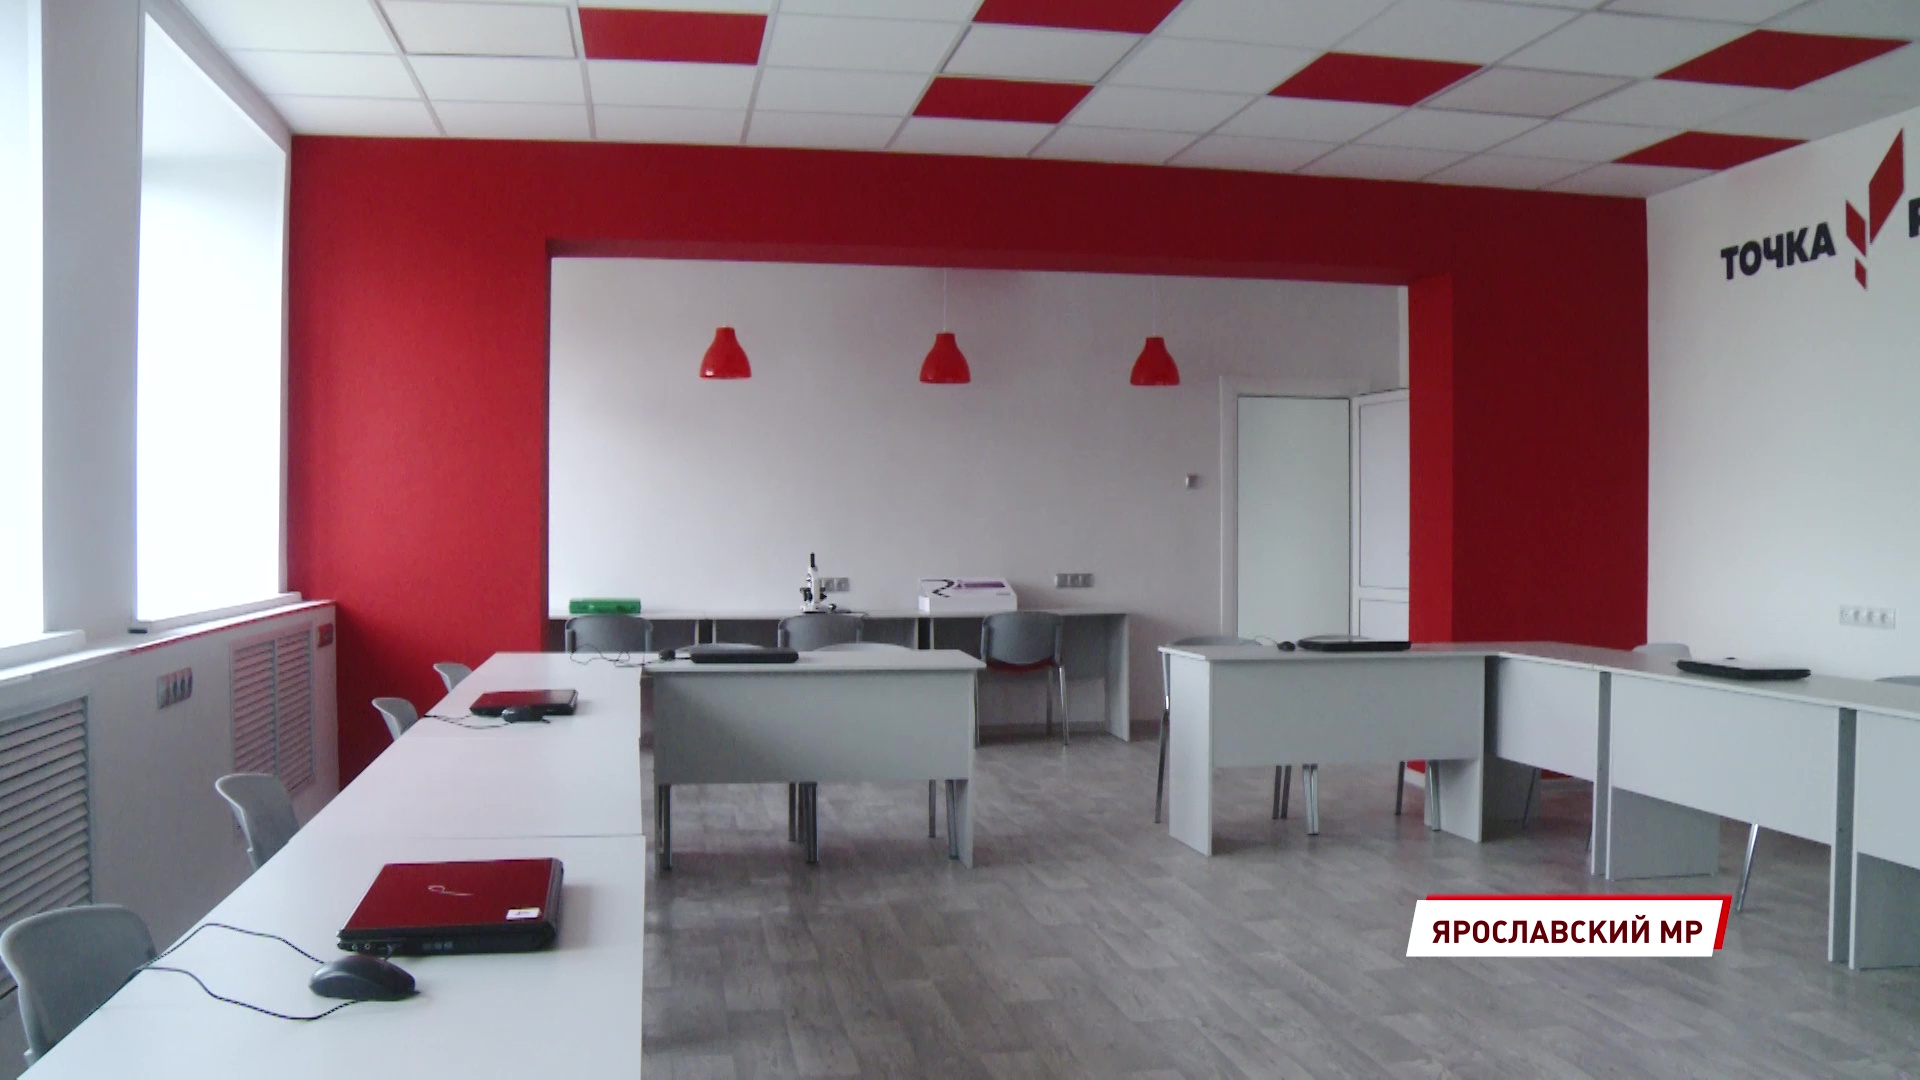 В поселке Ярославка модернизировали школу: как она теперь выглядит